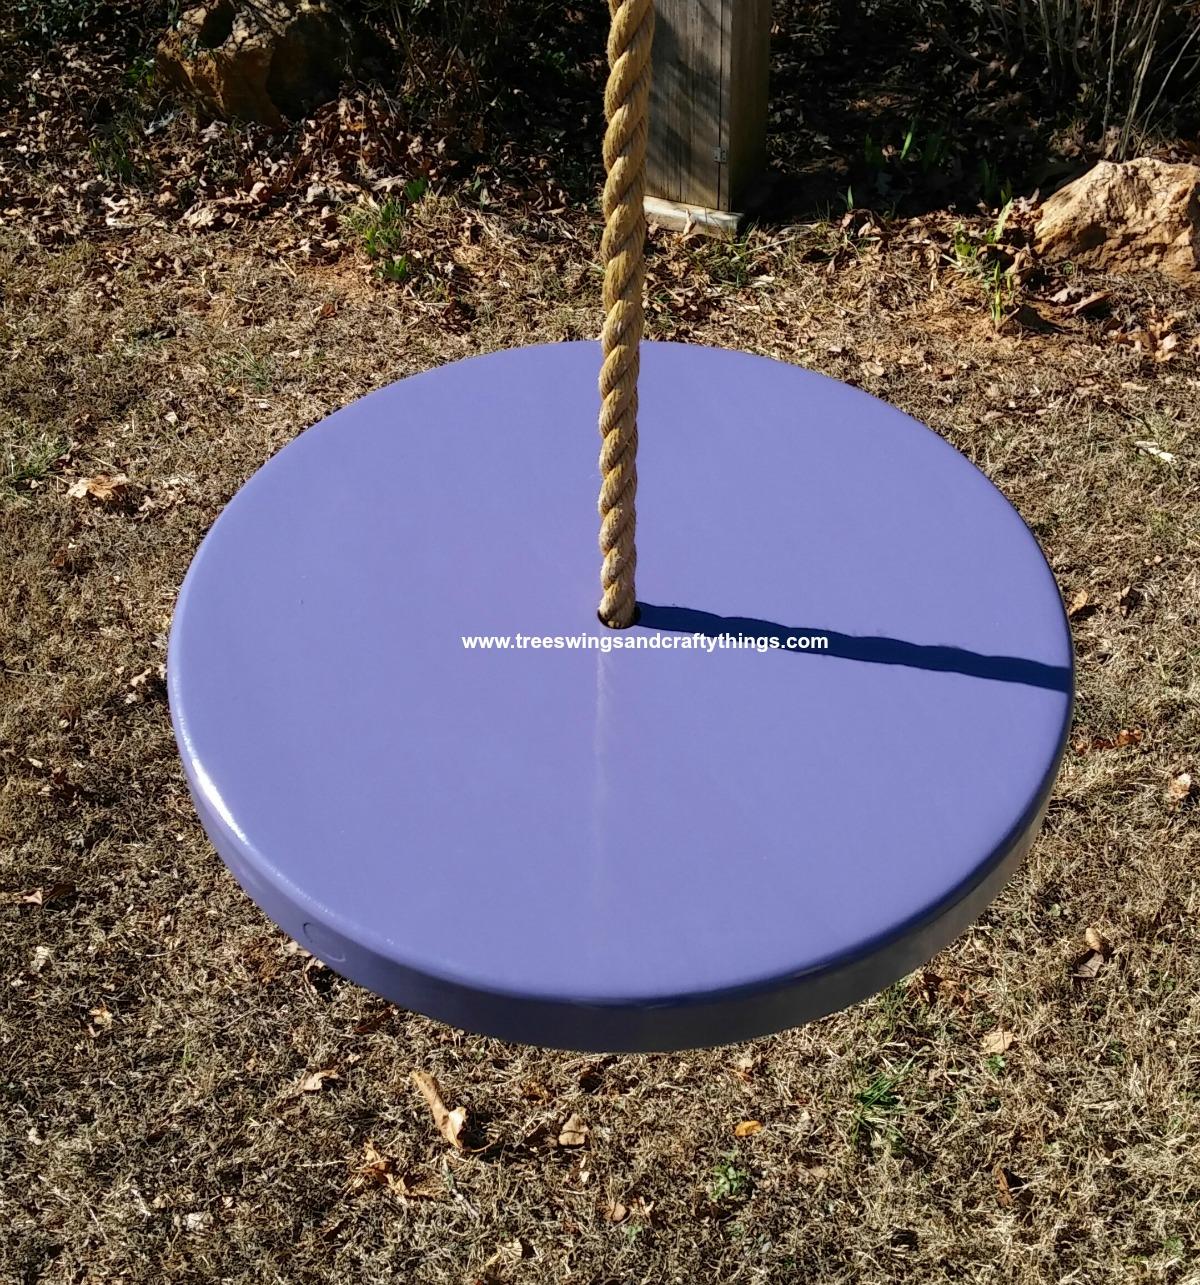 Painted Disc Swings